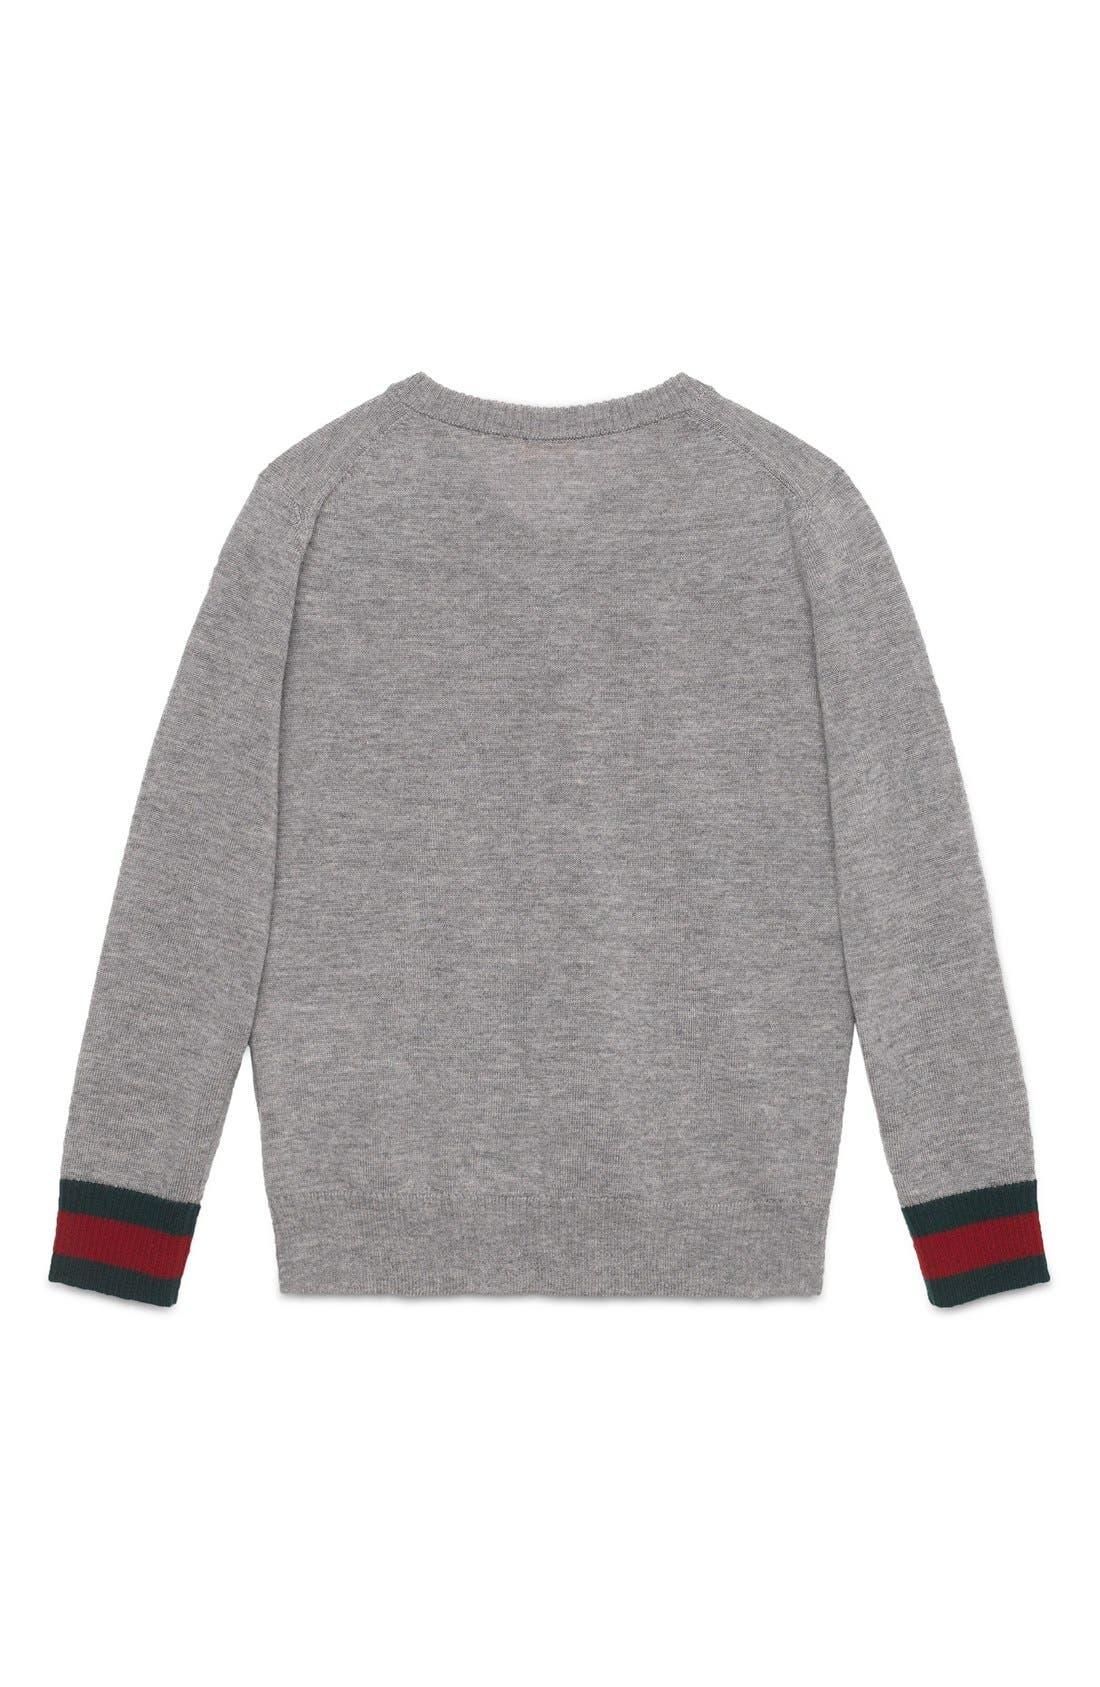 125e633fe multi striped sweater | Nordstrom